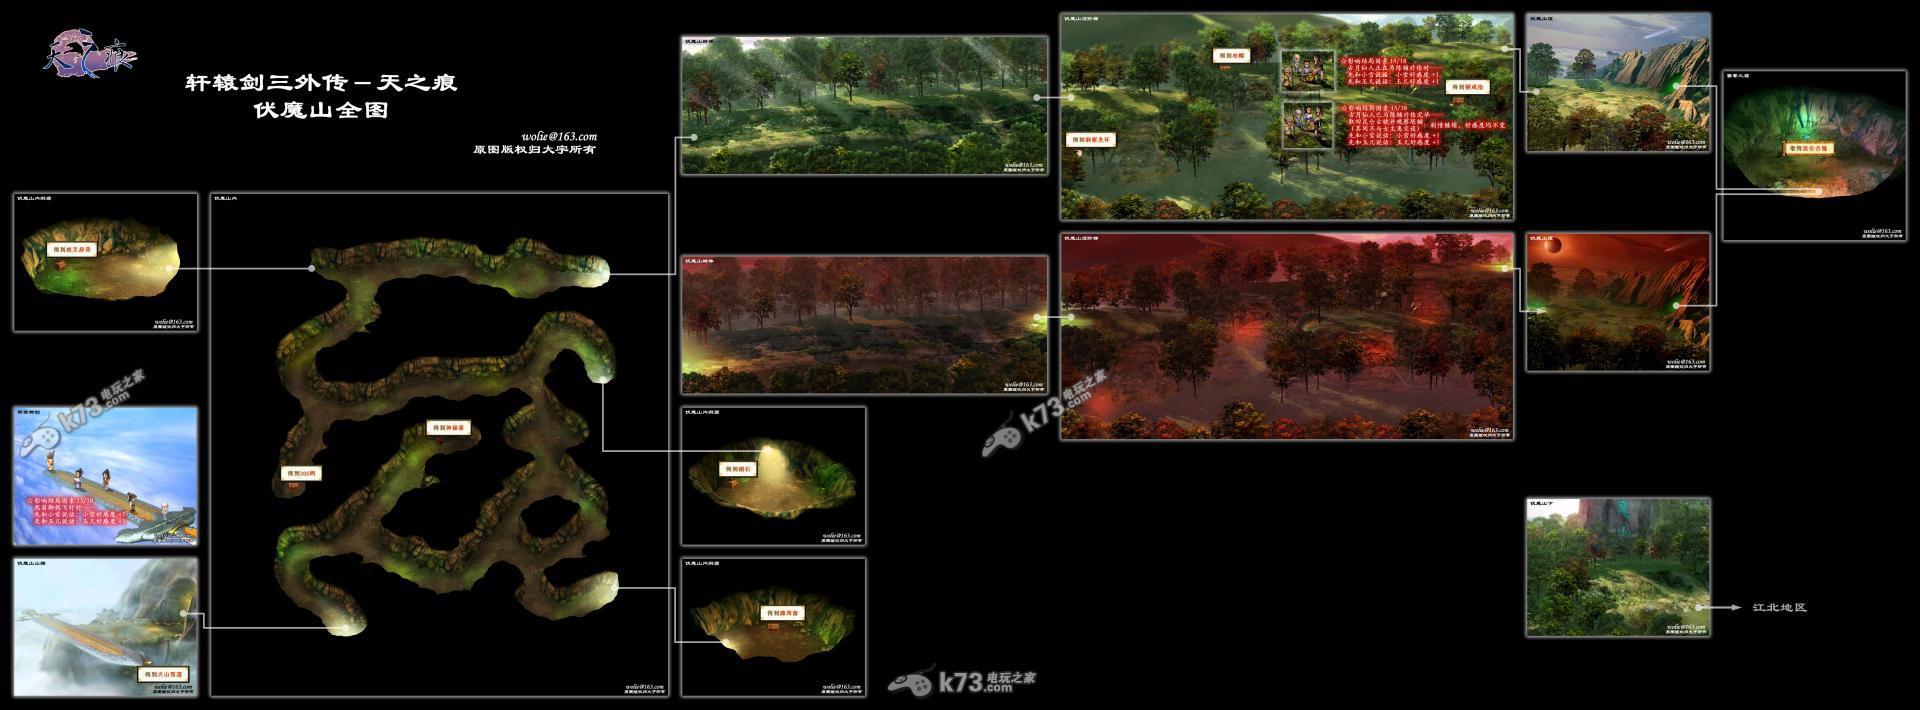 轩辕剑3外传天之痕 地图大全 截图